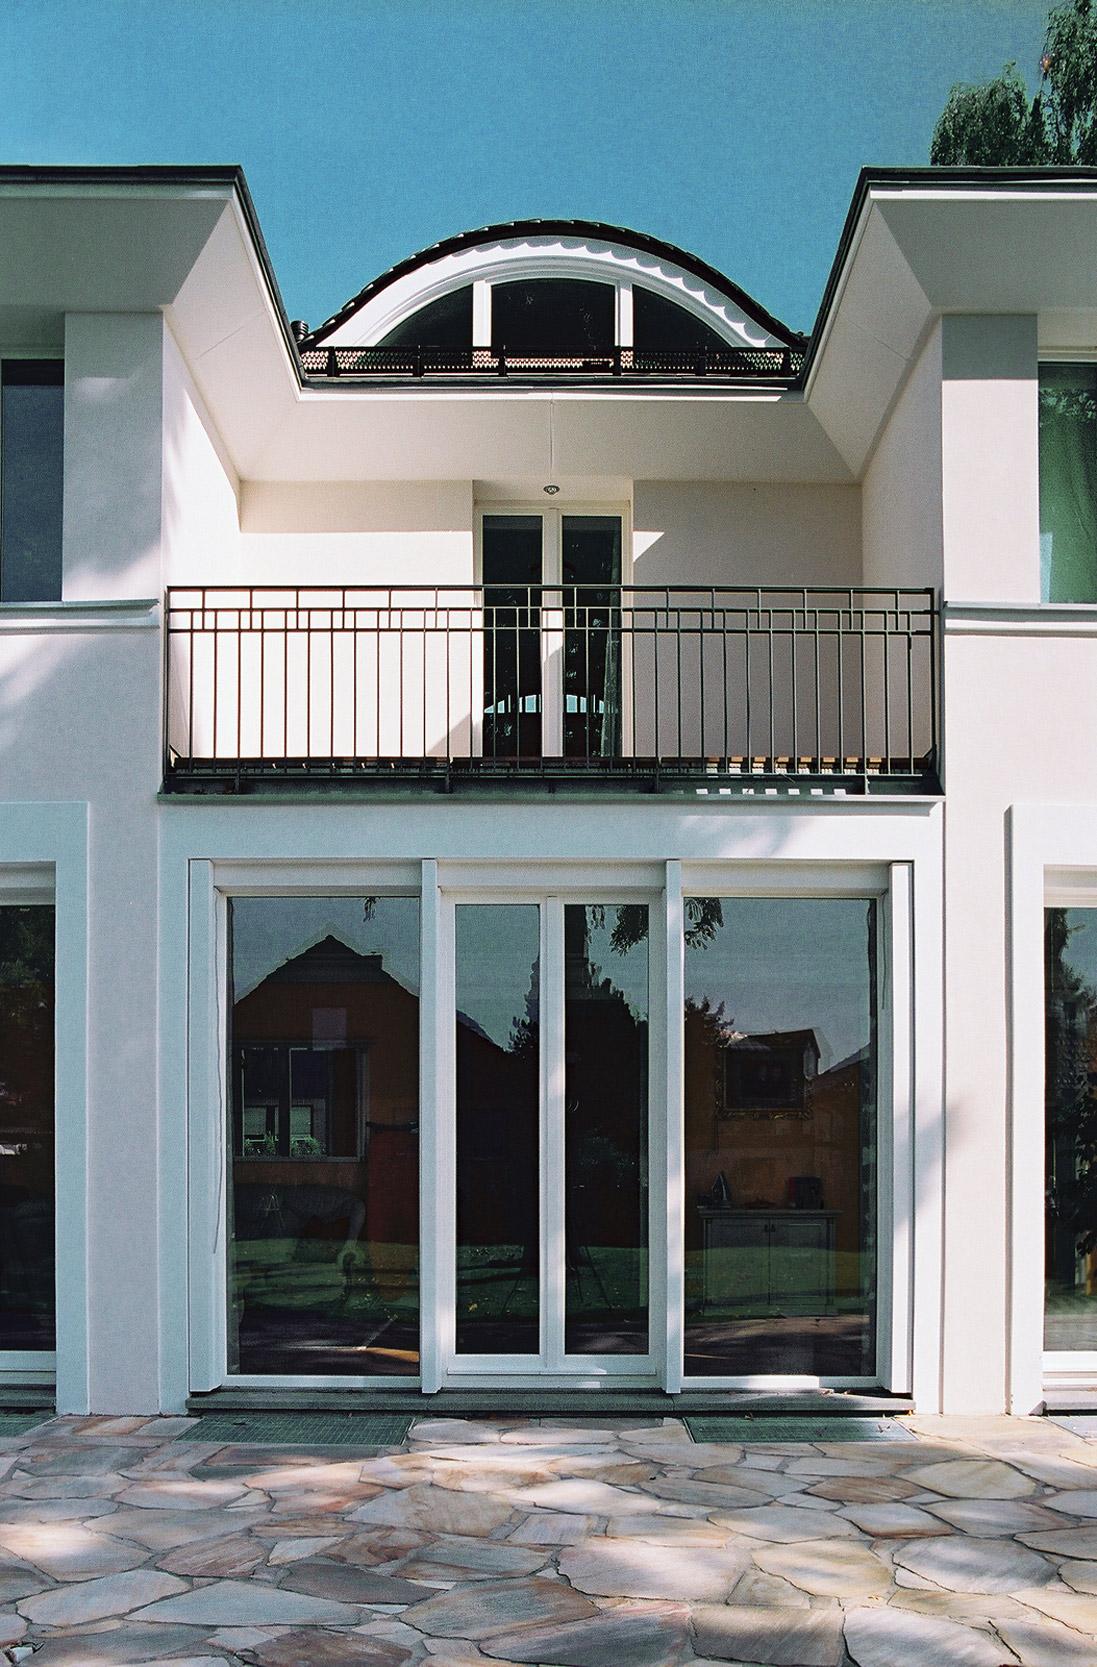 Großflächige Fensterelemente und ein Balkon gewährleisten gut belichtete Wohnräume.